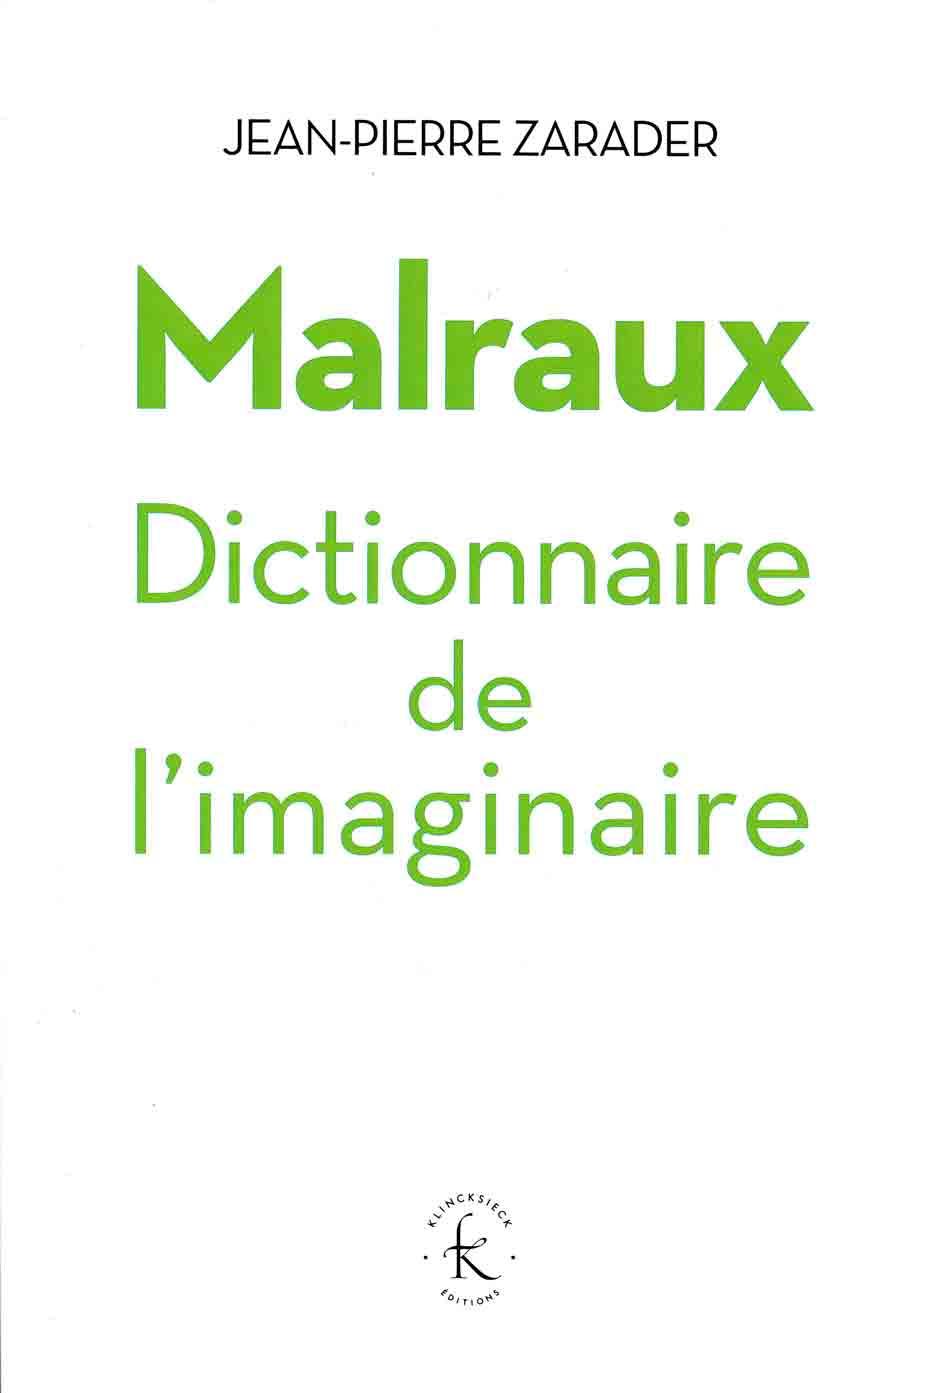 Jean Pierre Zarader Malraux Dictionnaire De L Imaginaire 2017 Malraux Org